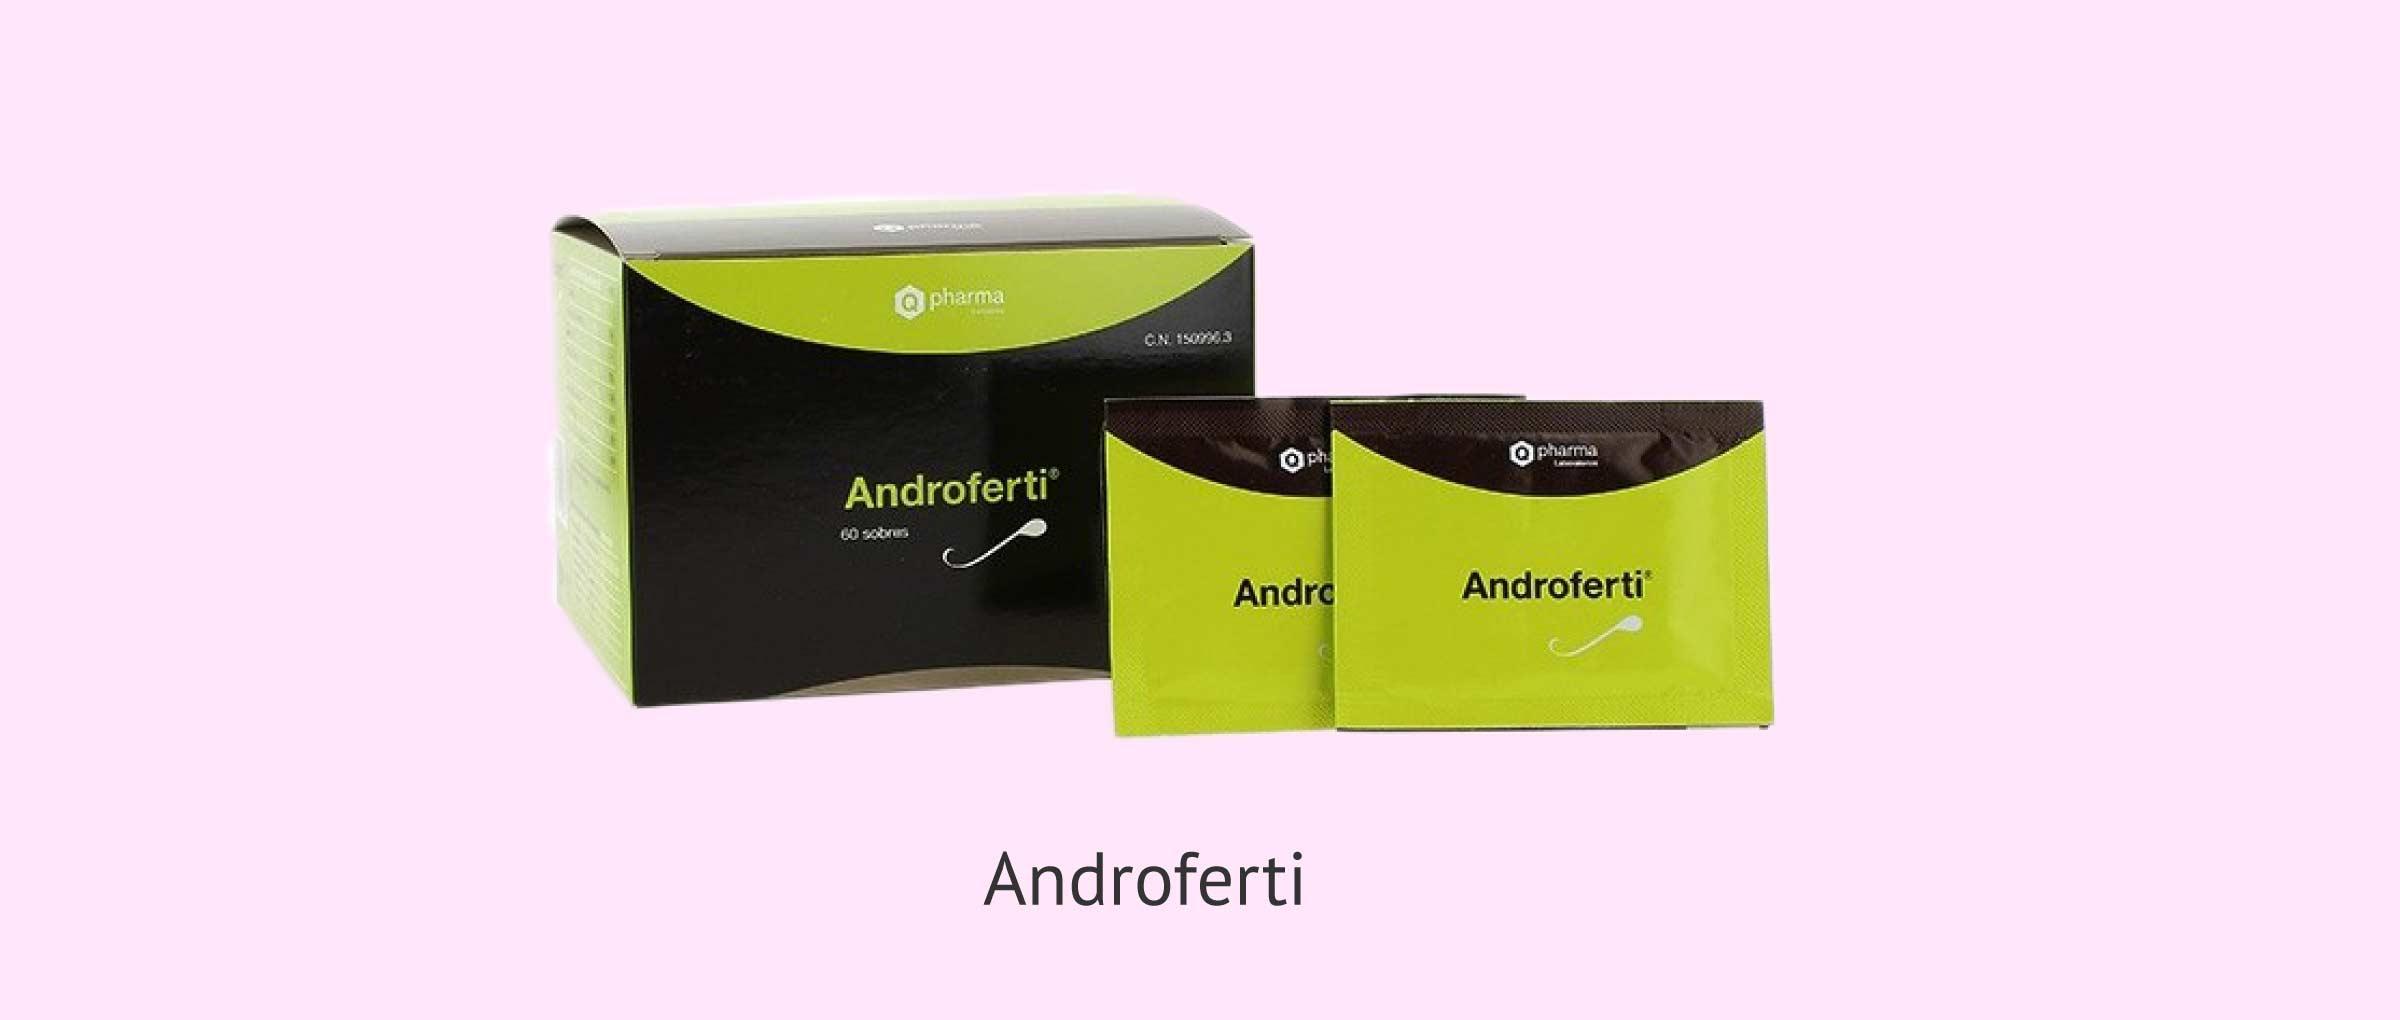 Androferti, un complément alimentaire antioxydant pour les hommes